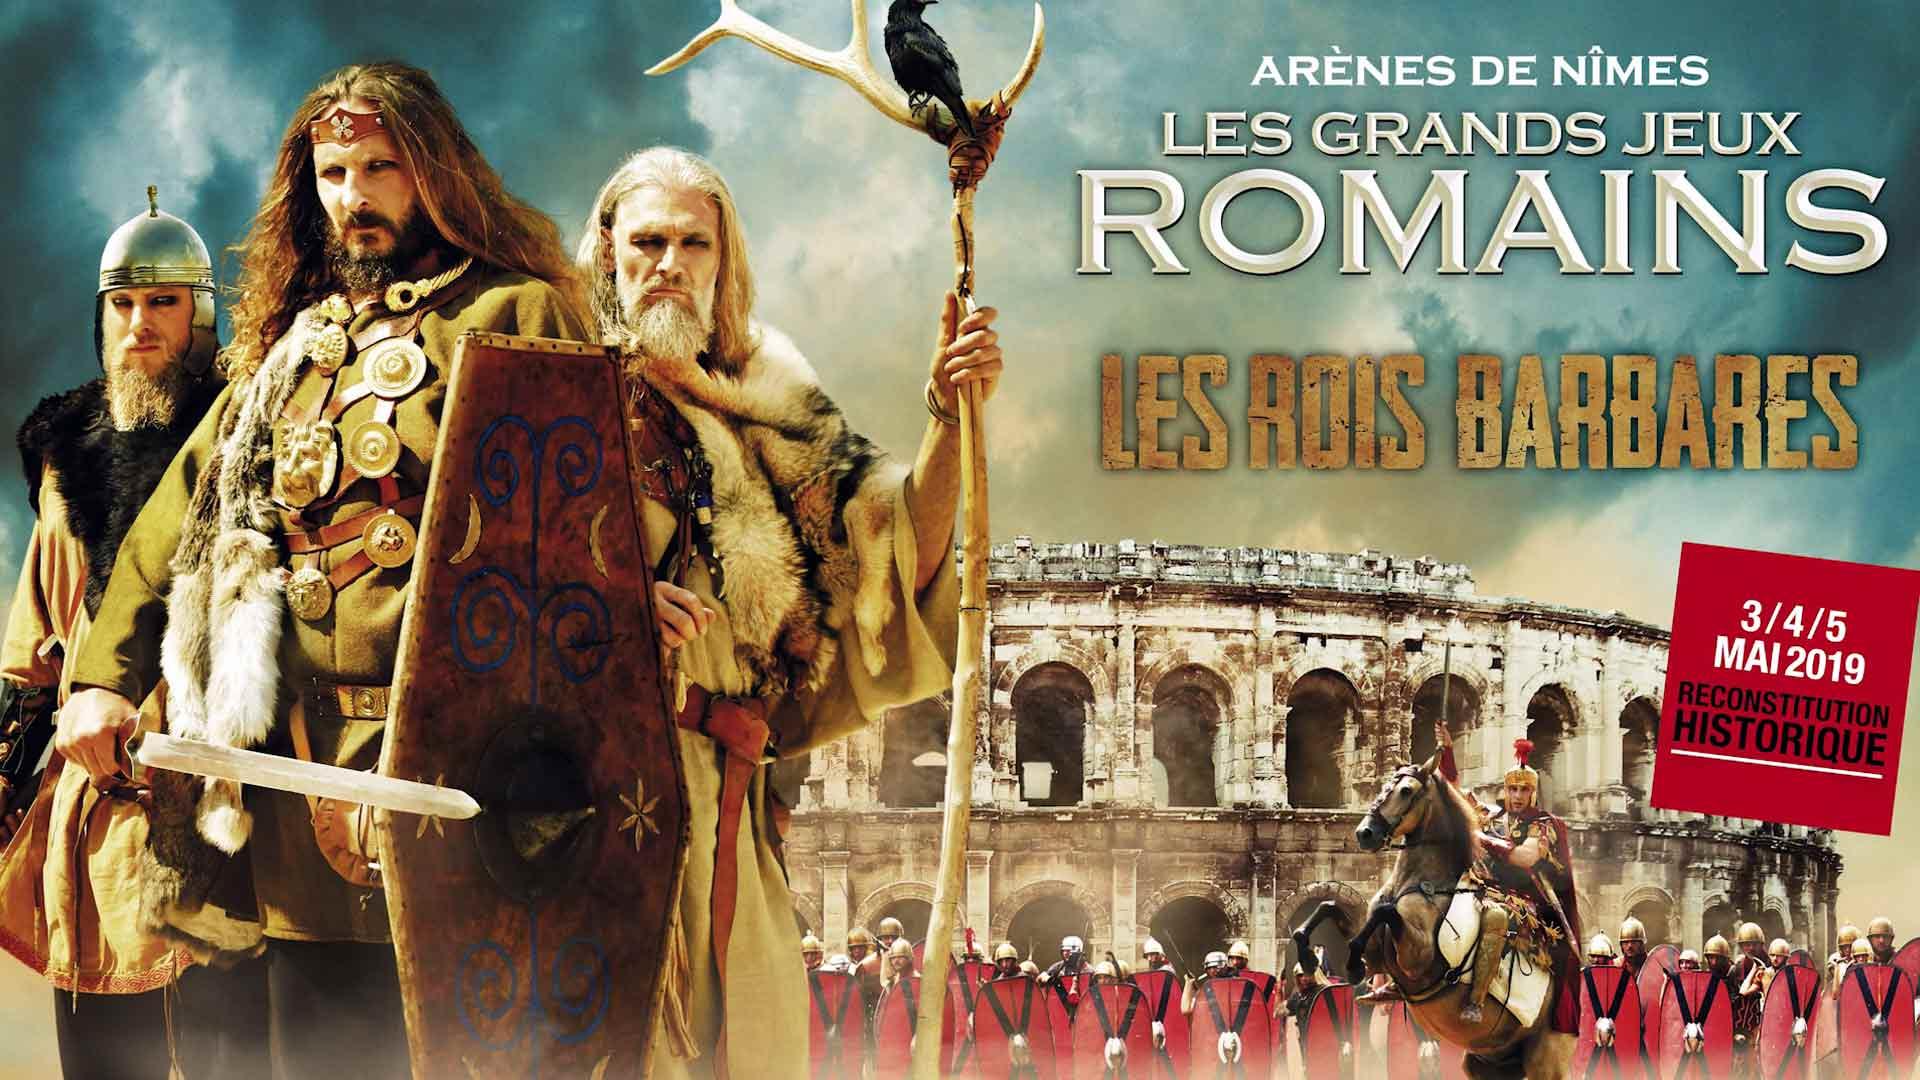 Visuel du jeu-concours Grands Jeux Romains avec TF1 et Vous